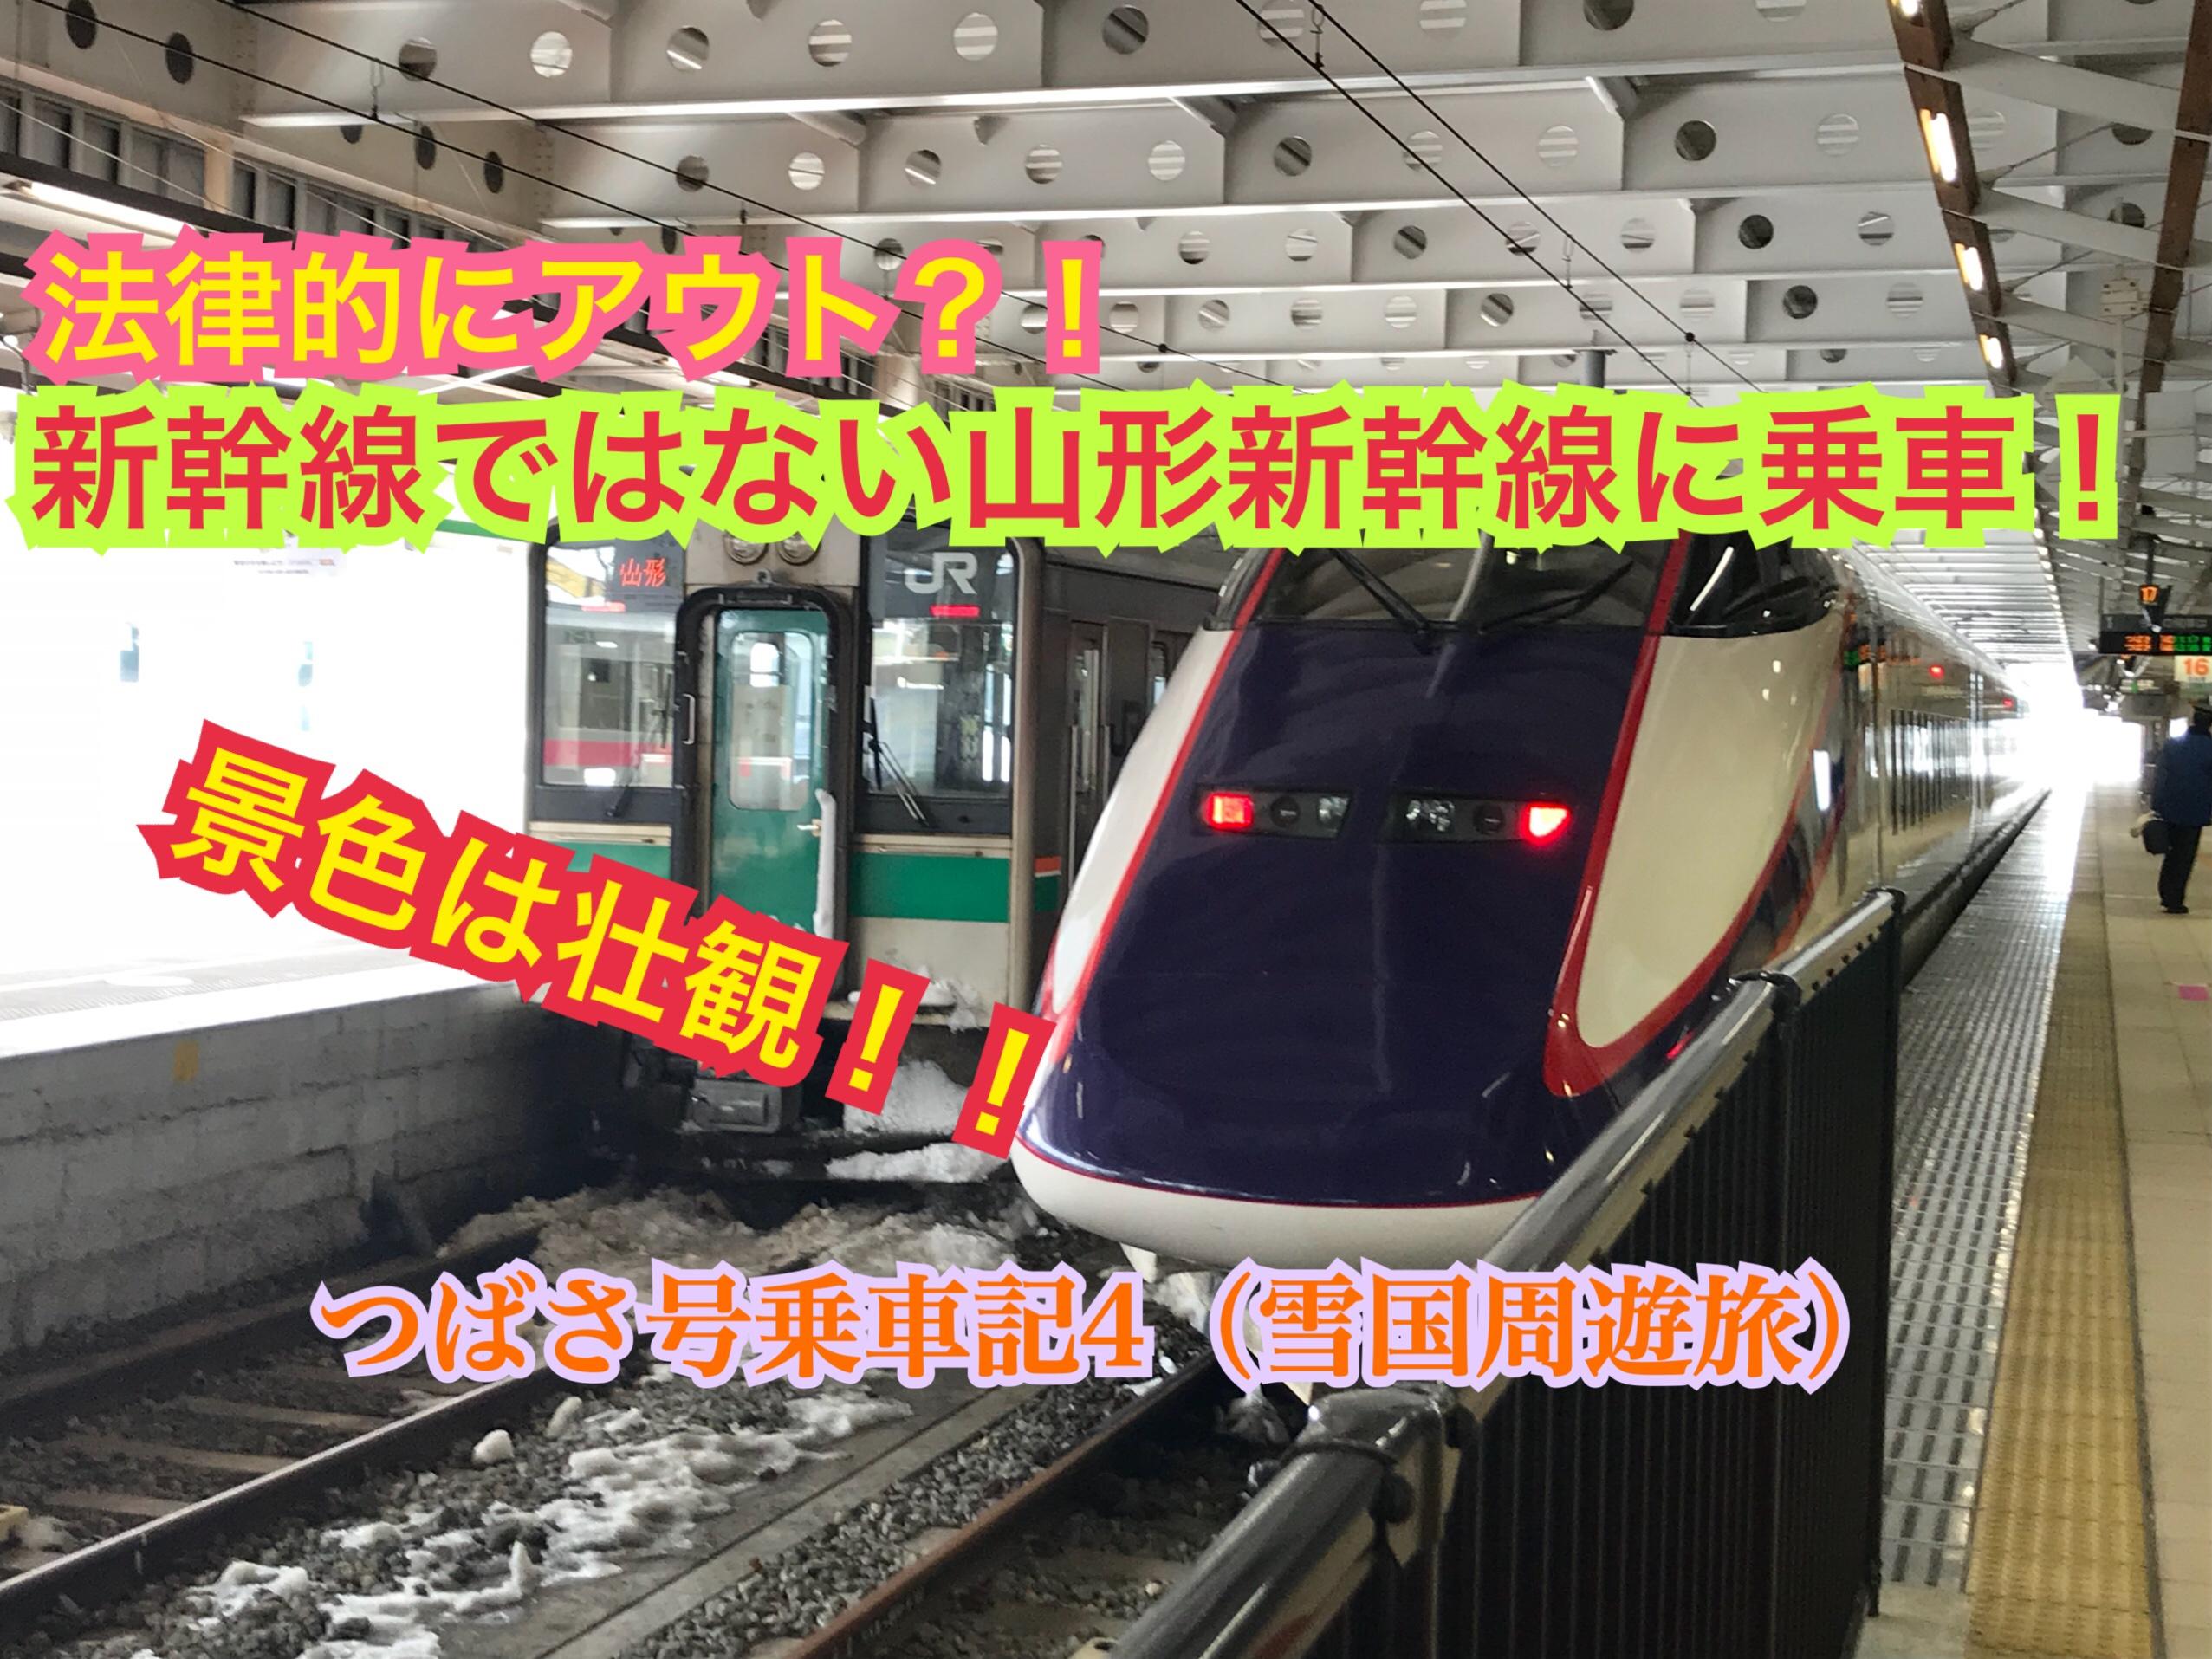 実は新幹線じゃない?!山形新幹線の景色は壮観!つばさ乗車記4【雪国周遊旅】